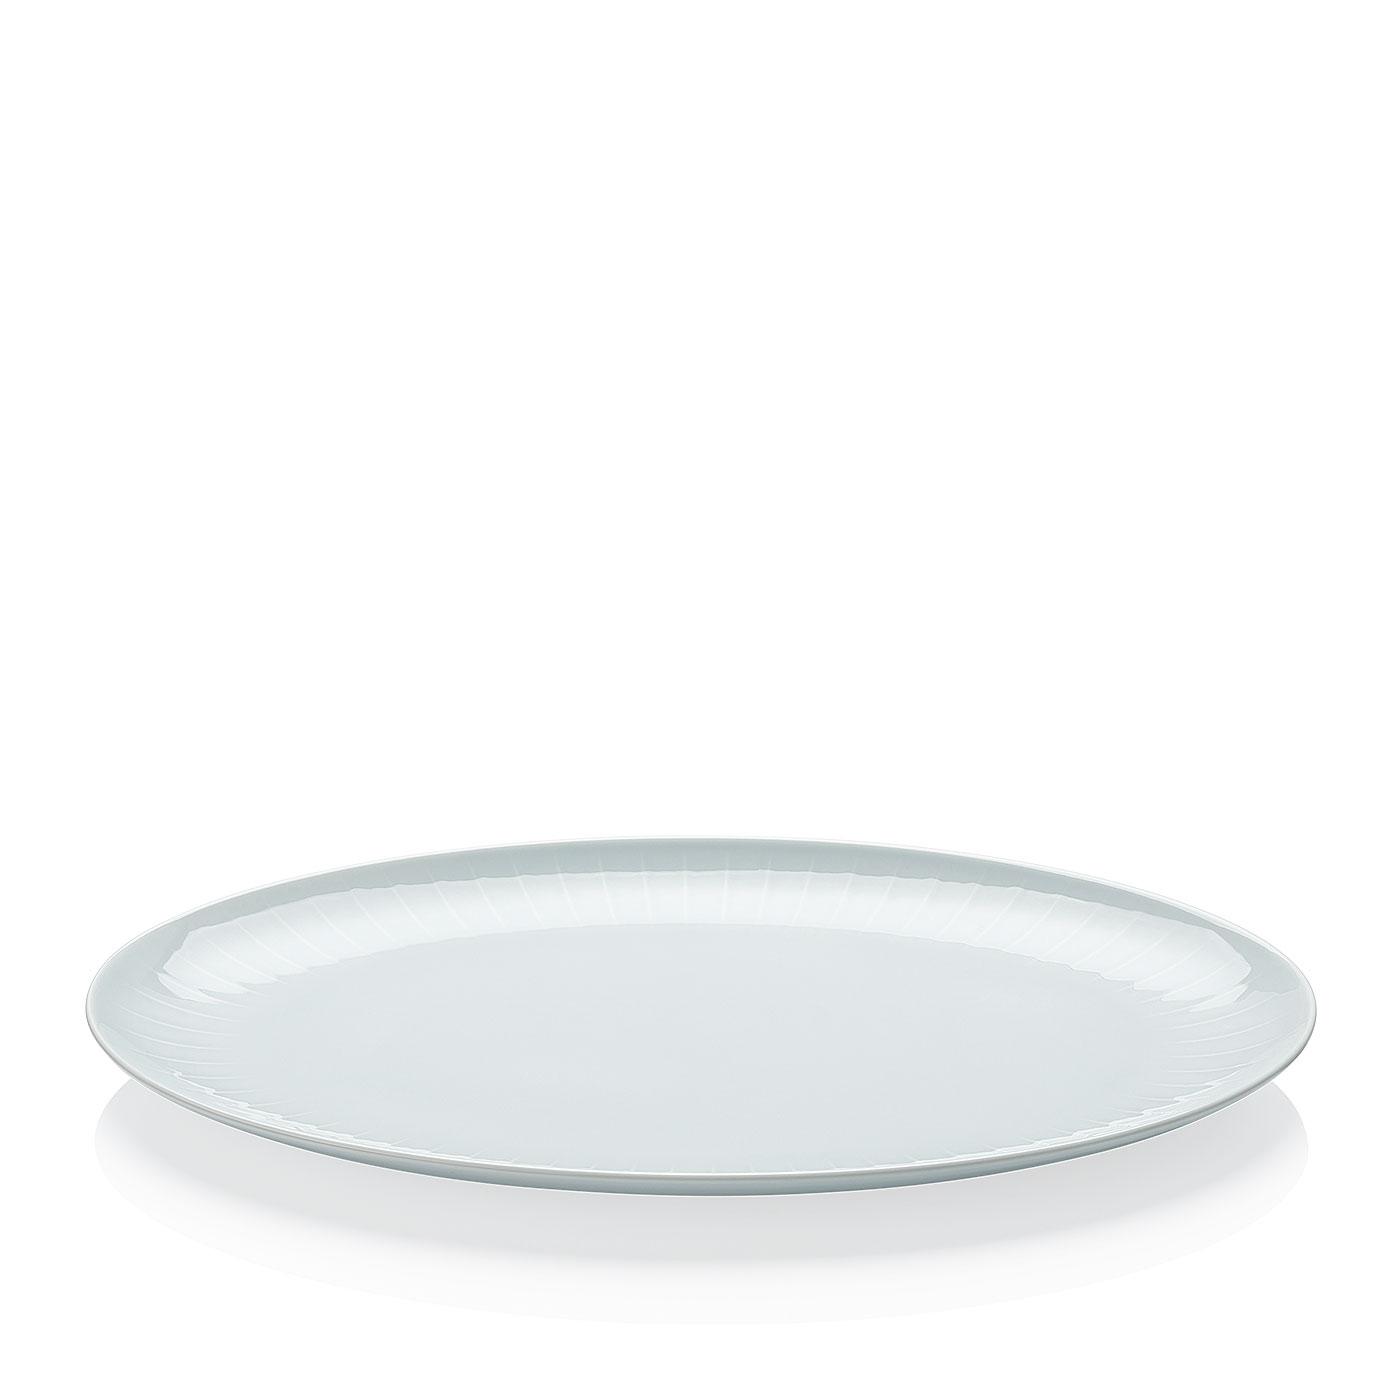 Platte 38 cm Joyn Mint Green Arzberg